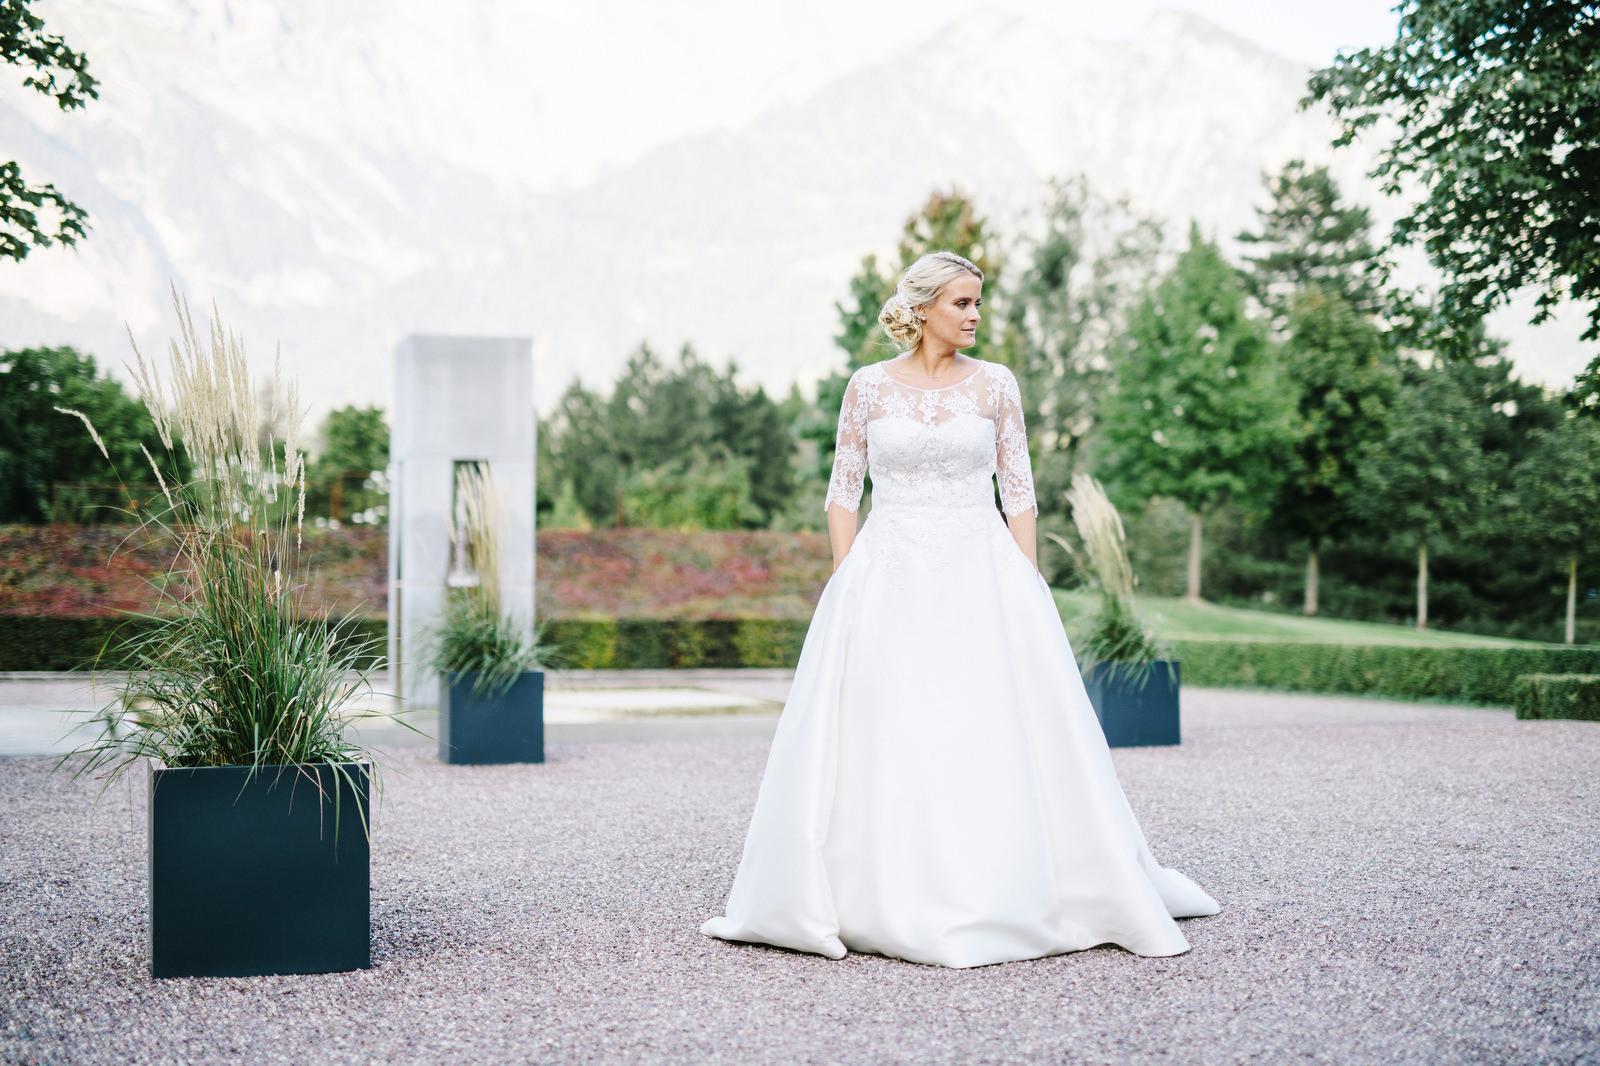 Fotograf Konstanz - Luxus Hochzeit Fotograf Grand Resort Bad Ragaz Schweiz Lichtenstein 147 - Destination wedding at the Grand Resort Bad Ragaz, Swiss  - 191 -